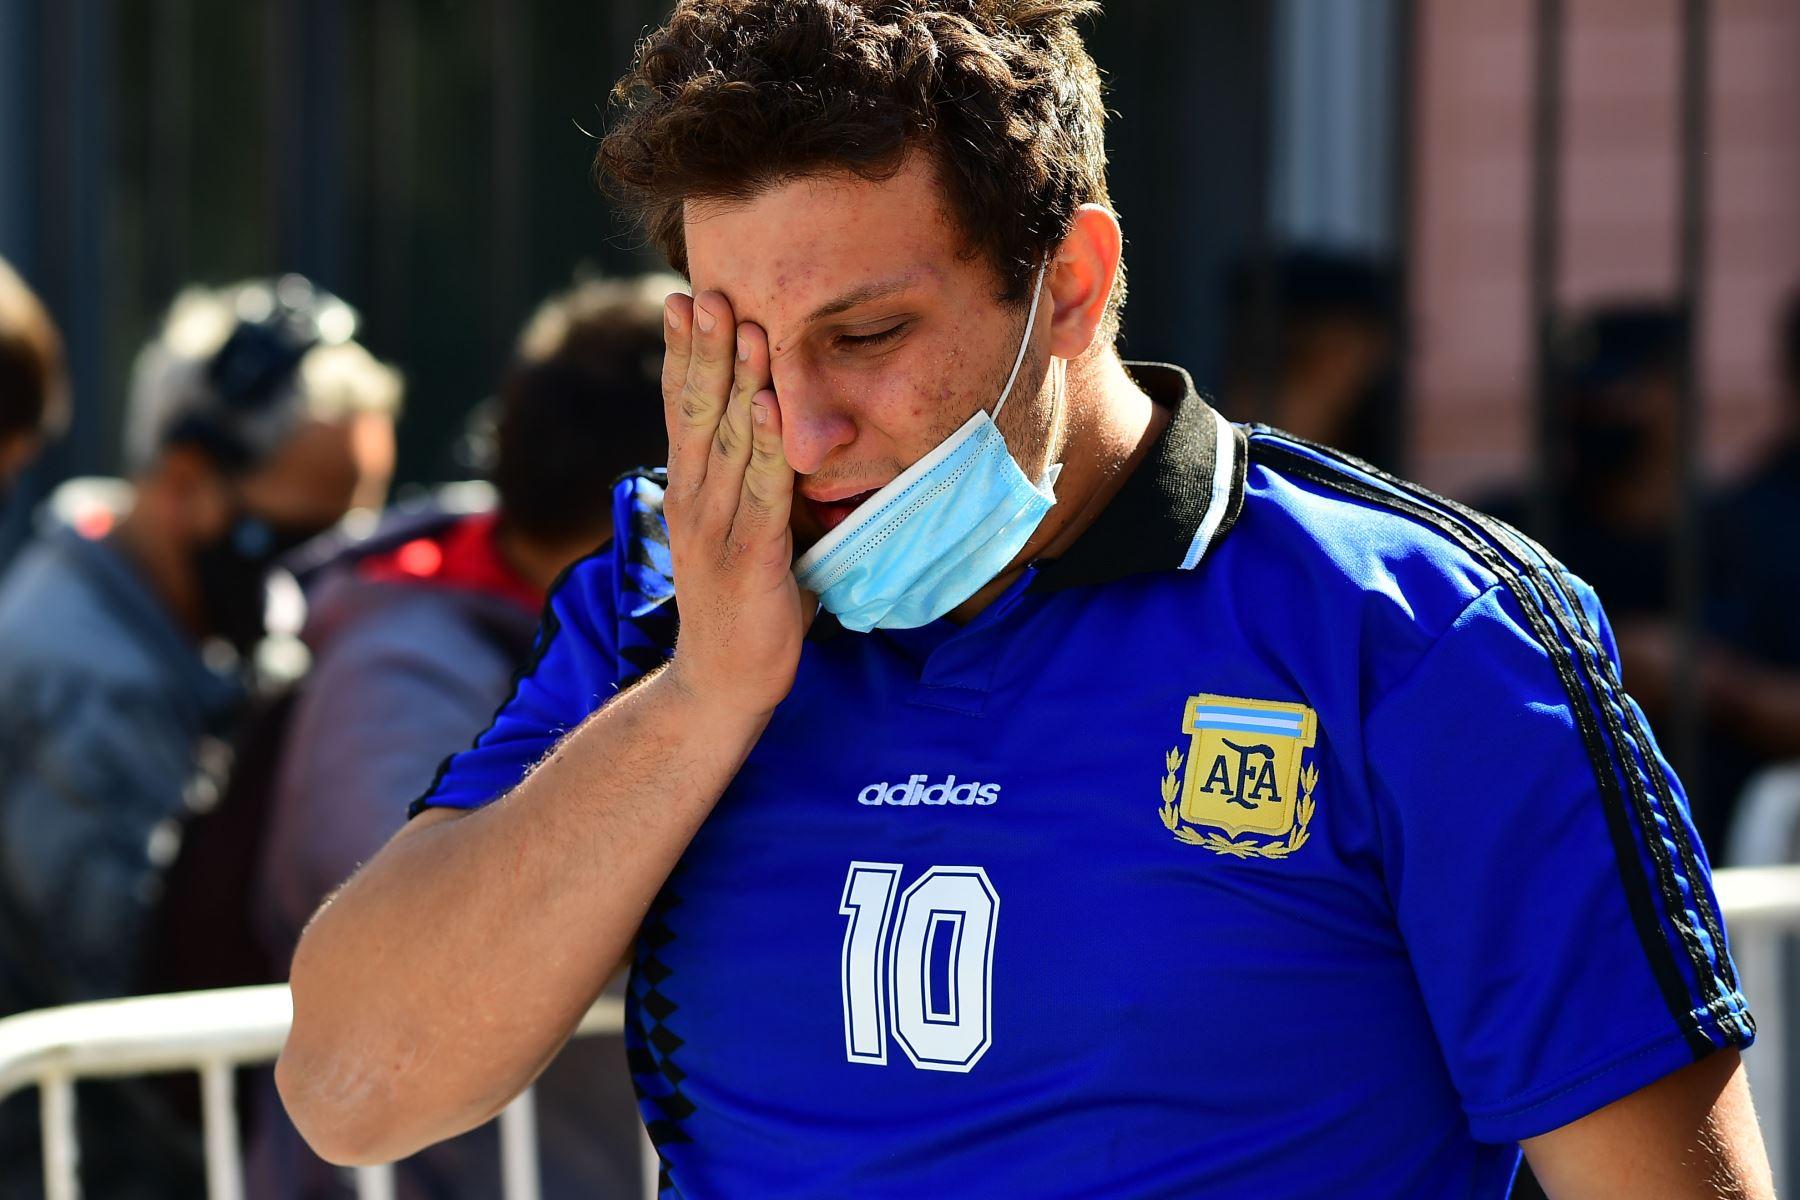 Los admiradores de Diego Maradona lloran después de rendir homenaje a la leyenda del fútbol Diego Armando Maradona en la Casa de Gobierno en Buenos Aires. Foto: AFP